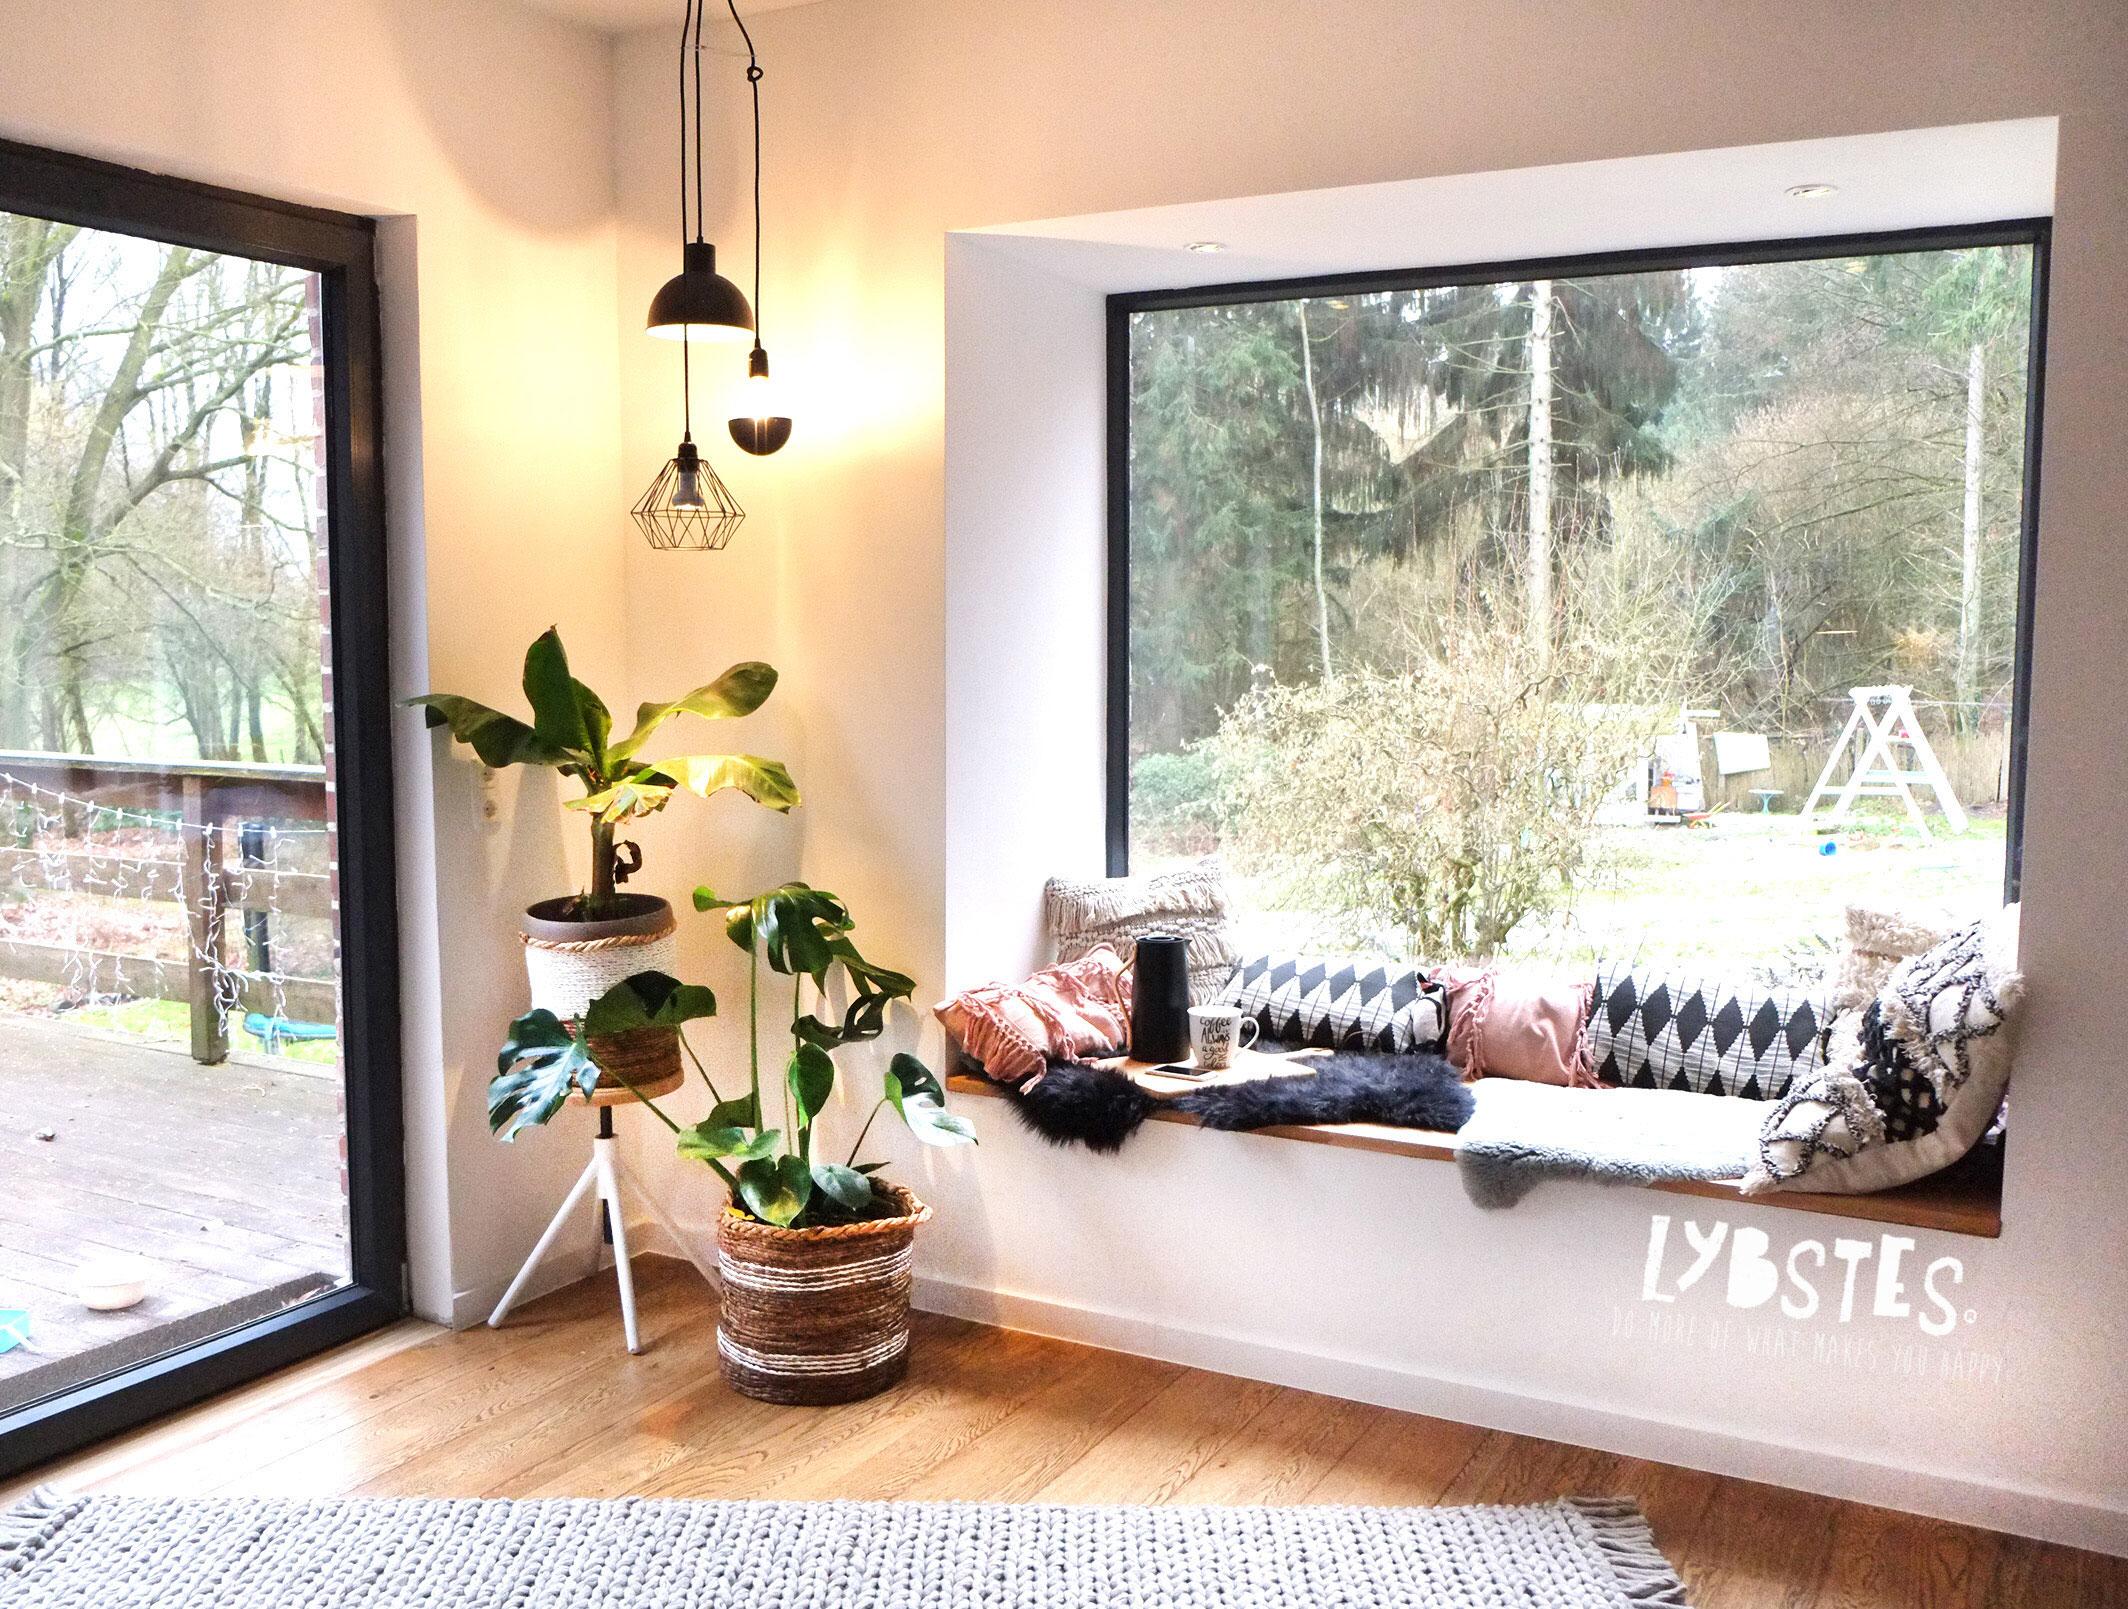 Unser Haus Lieblingsplatz Sitzfenster Lybstes